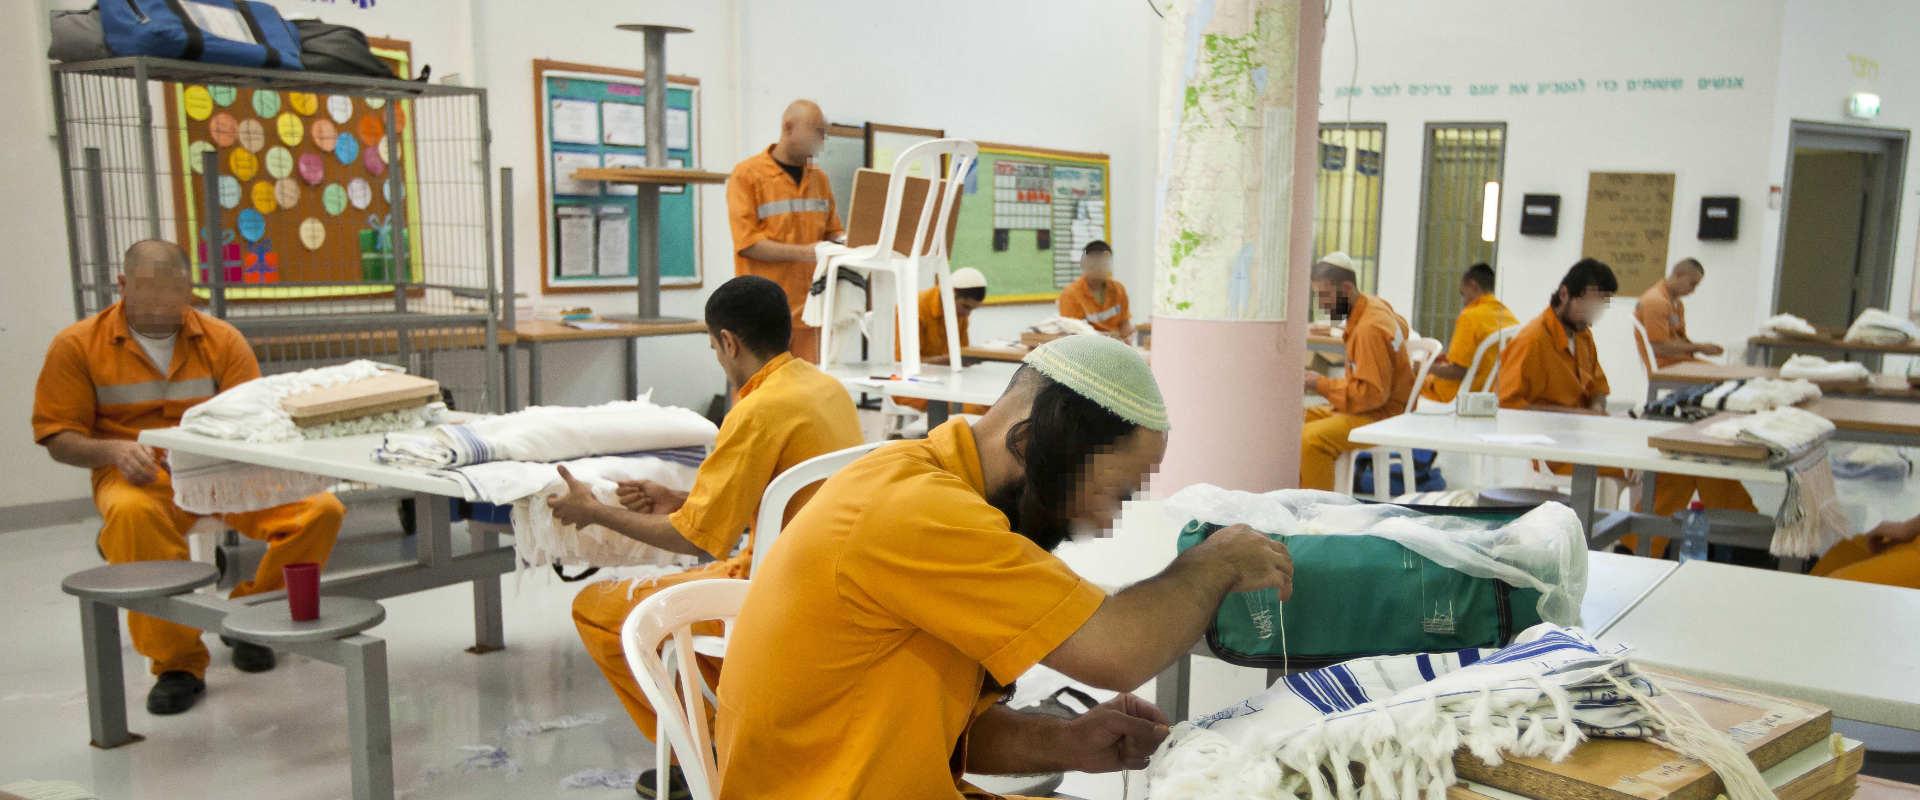 אסירים בכלא אלה